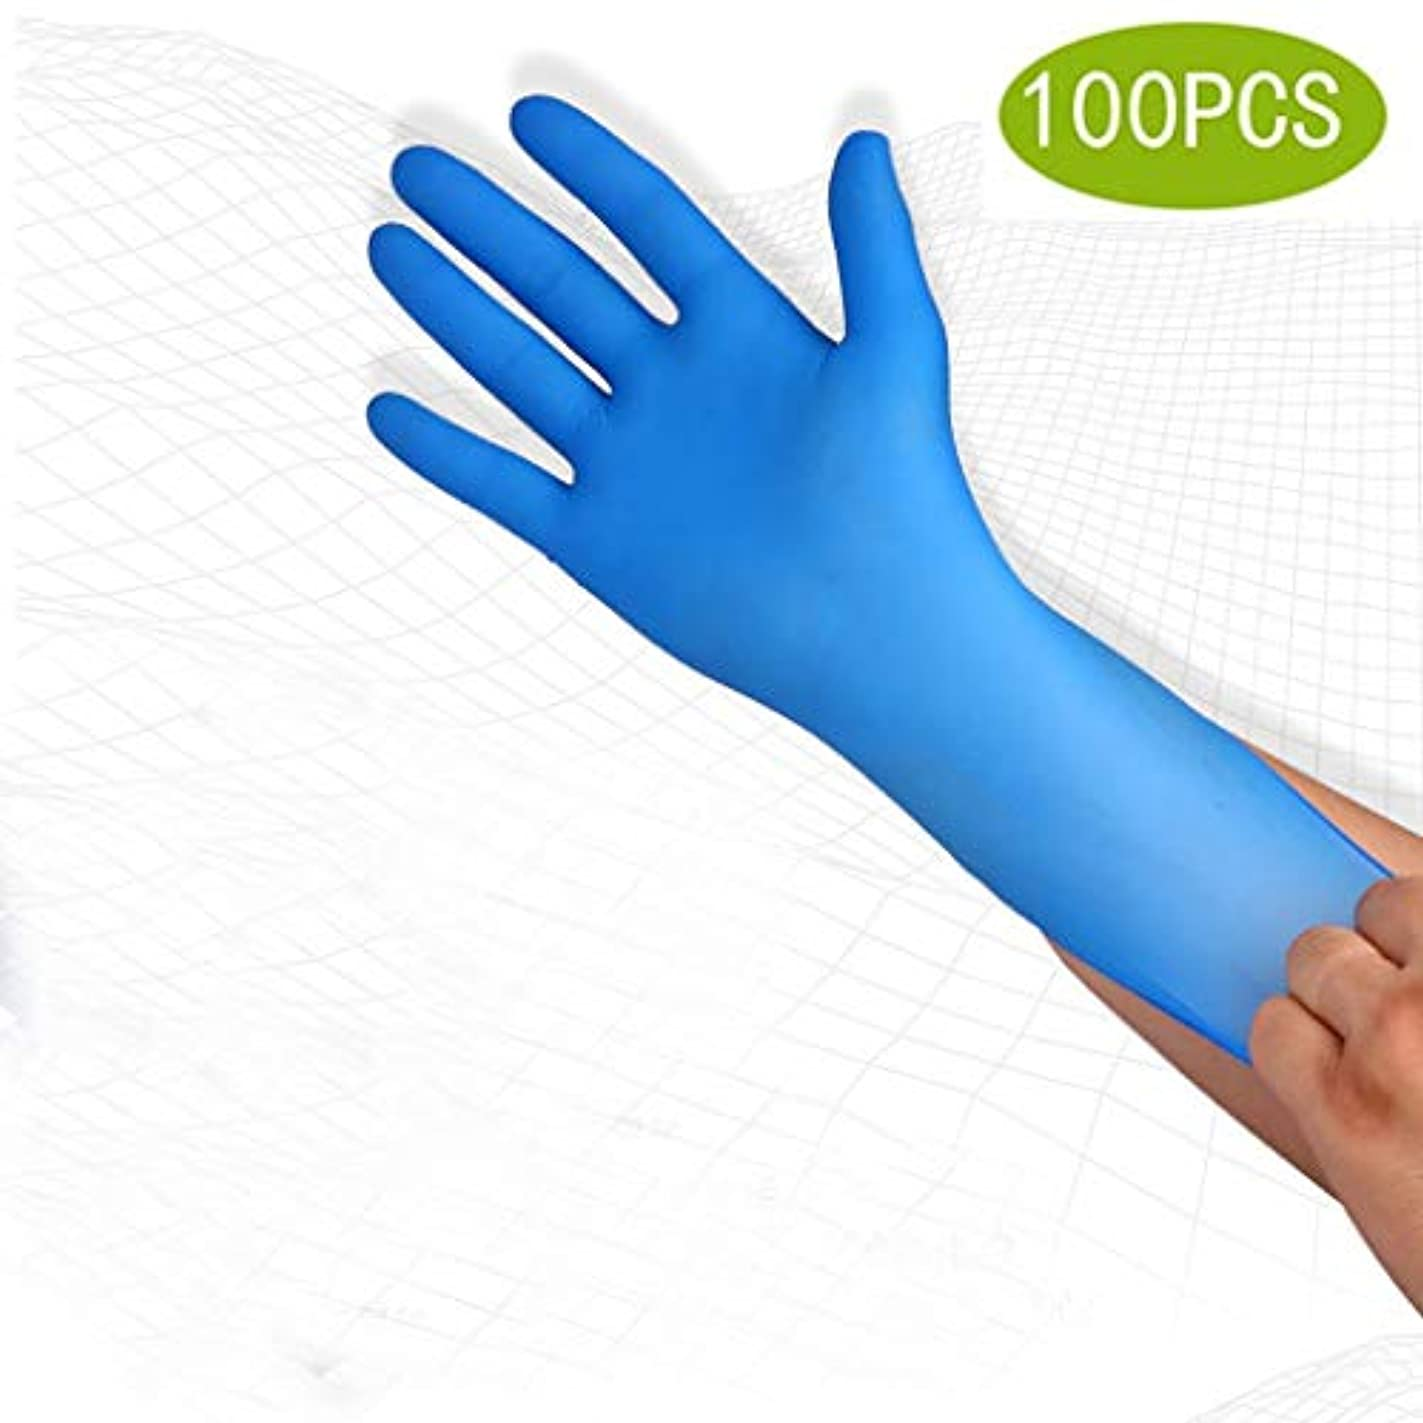 リダクターパプアニューギニア抜け目のない使い捨て手袋食品ケータリング手術Ding Qing食品グレードの化学保護手袋実験室/食品グレードの安全用品、使い捨てハンドグローブディスペンサー[100個] (Size : M)